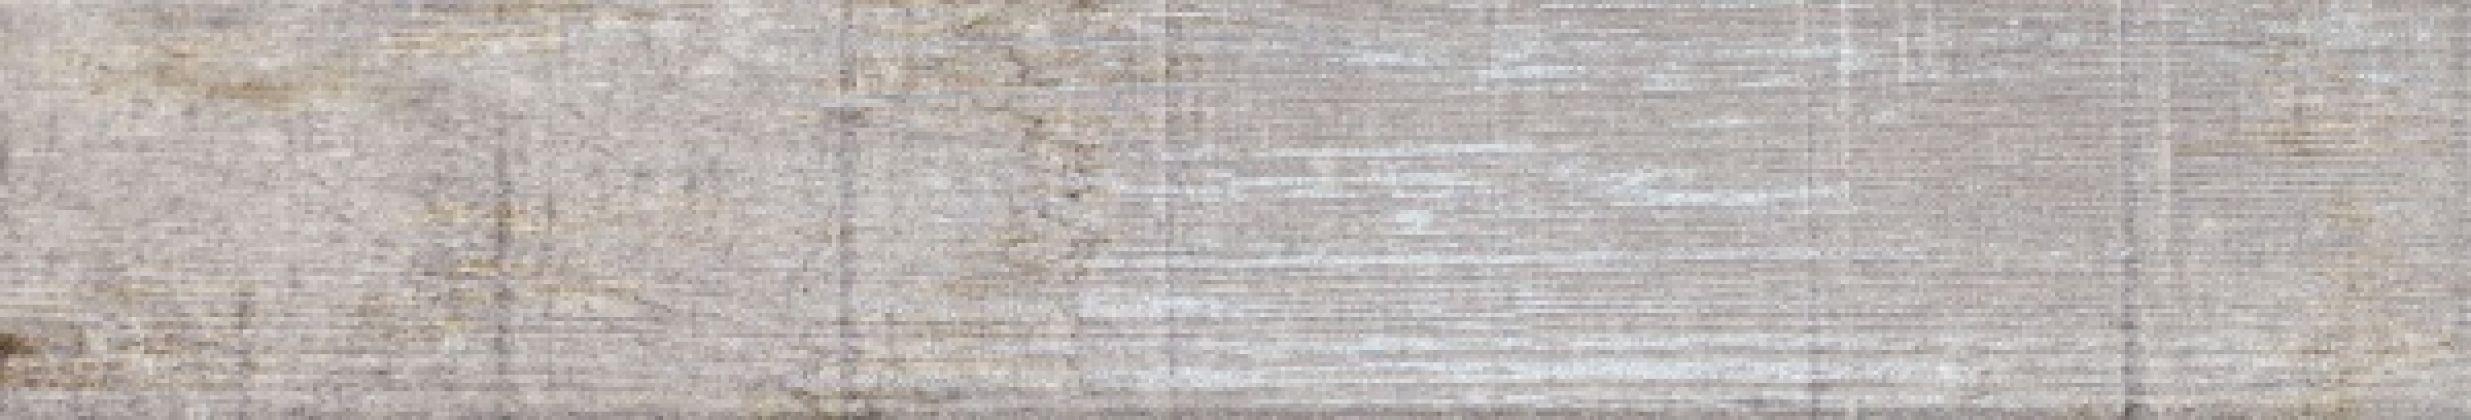 Roncal Arette 8x44,2